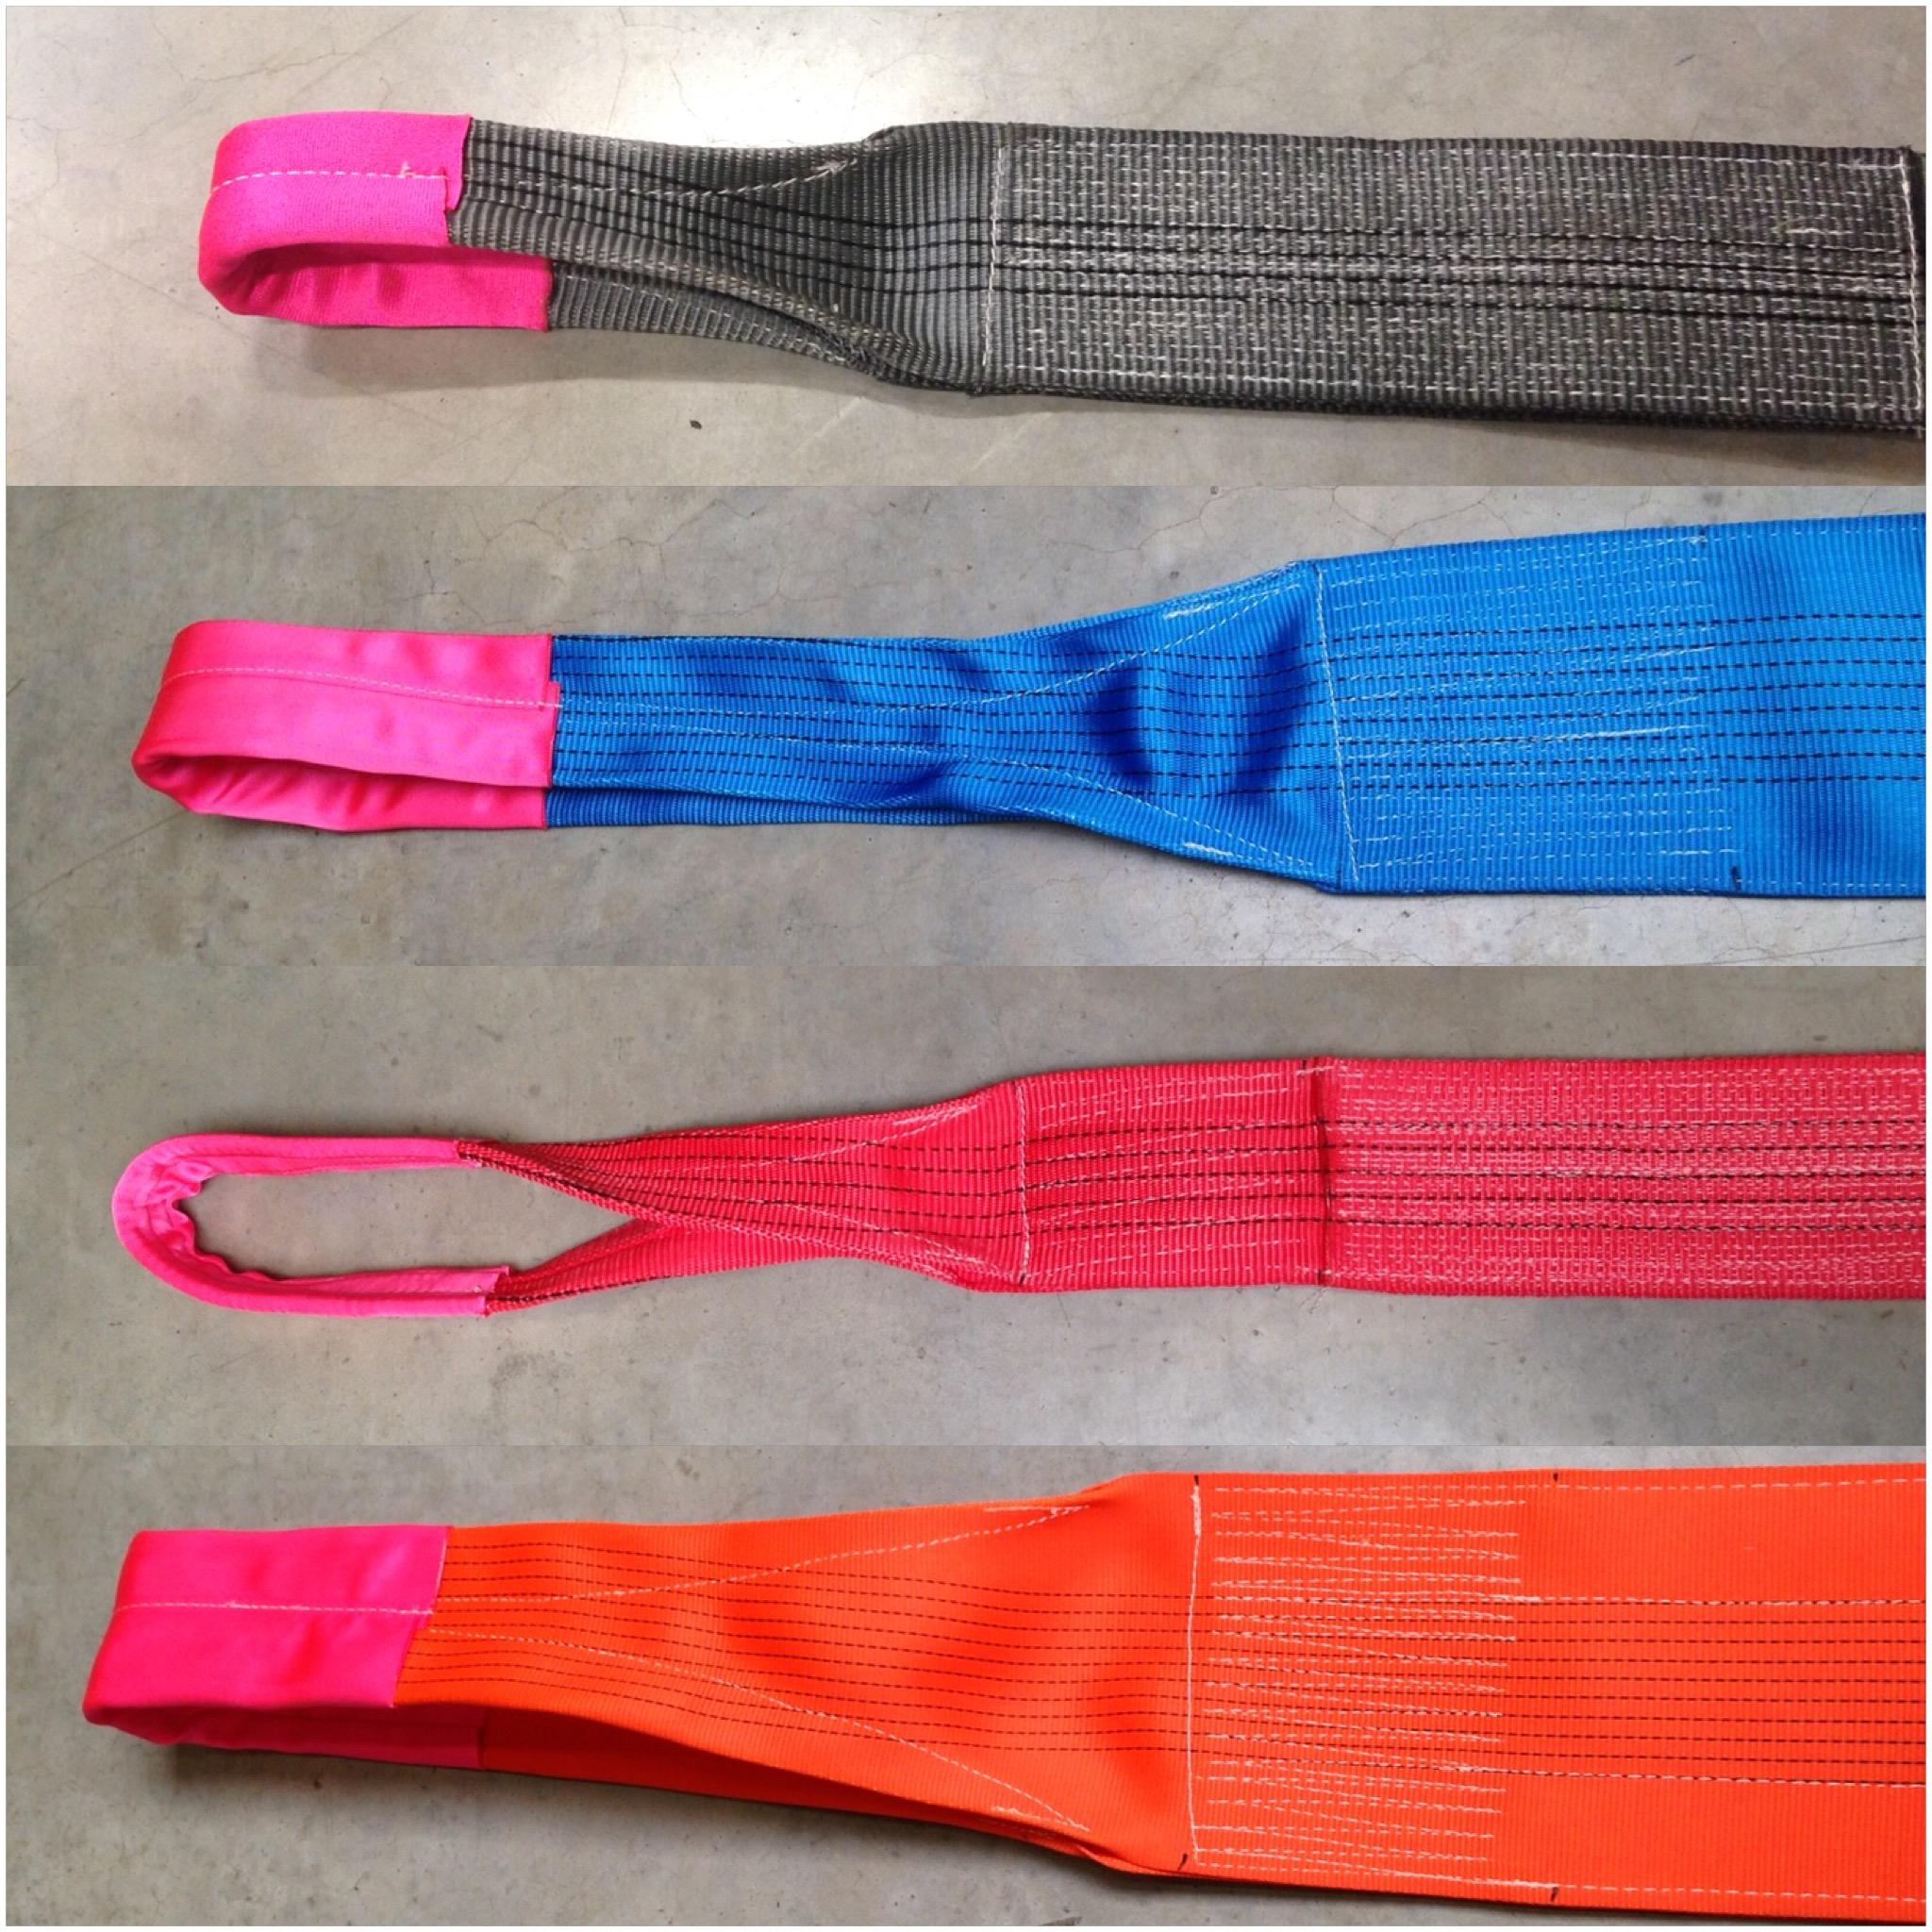 Fabrikant van Polyester Hijsbanden met verstevigde lussen SWL 500 kg tot 40 ton SF7:1 volgens EN1492...